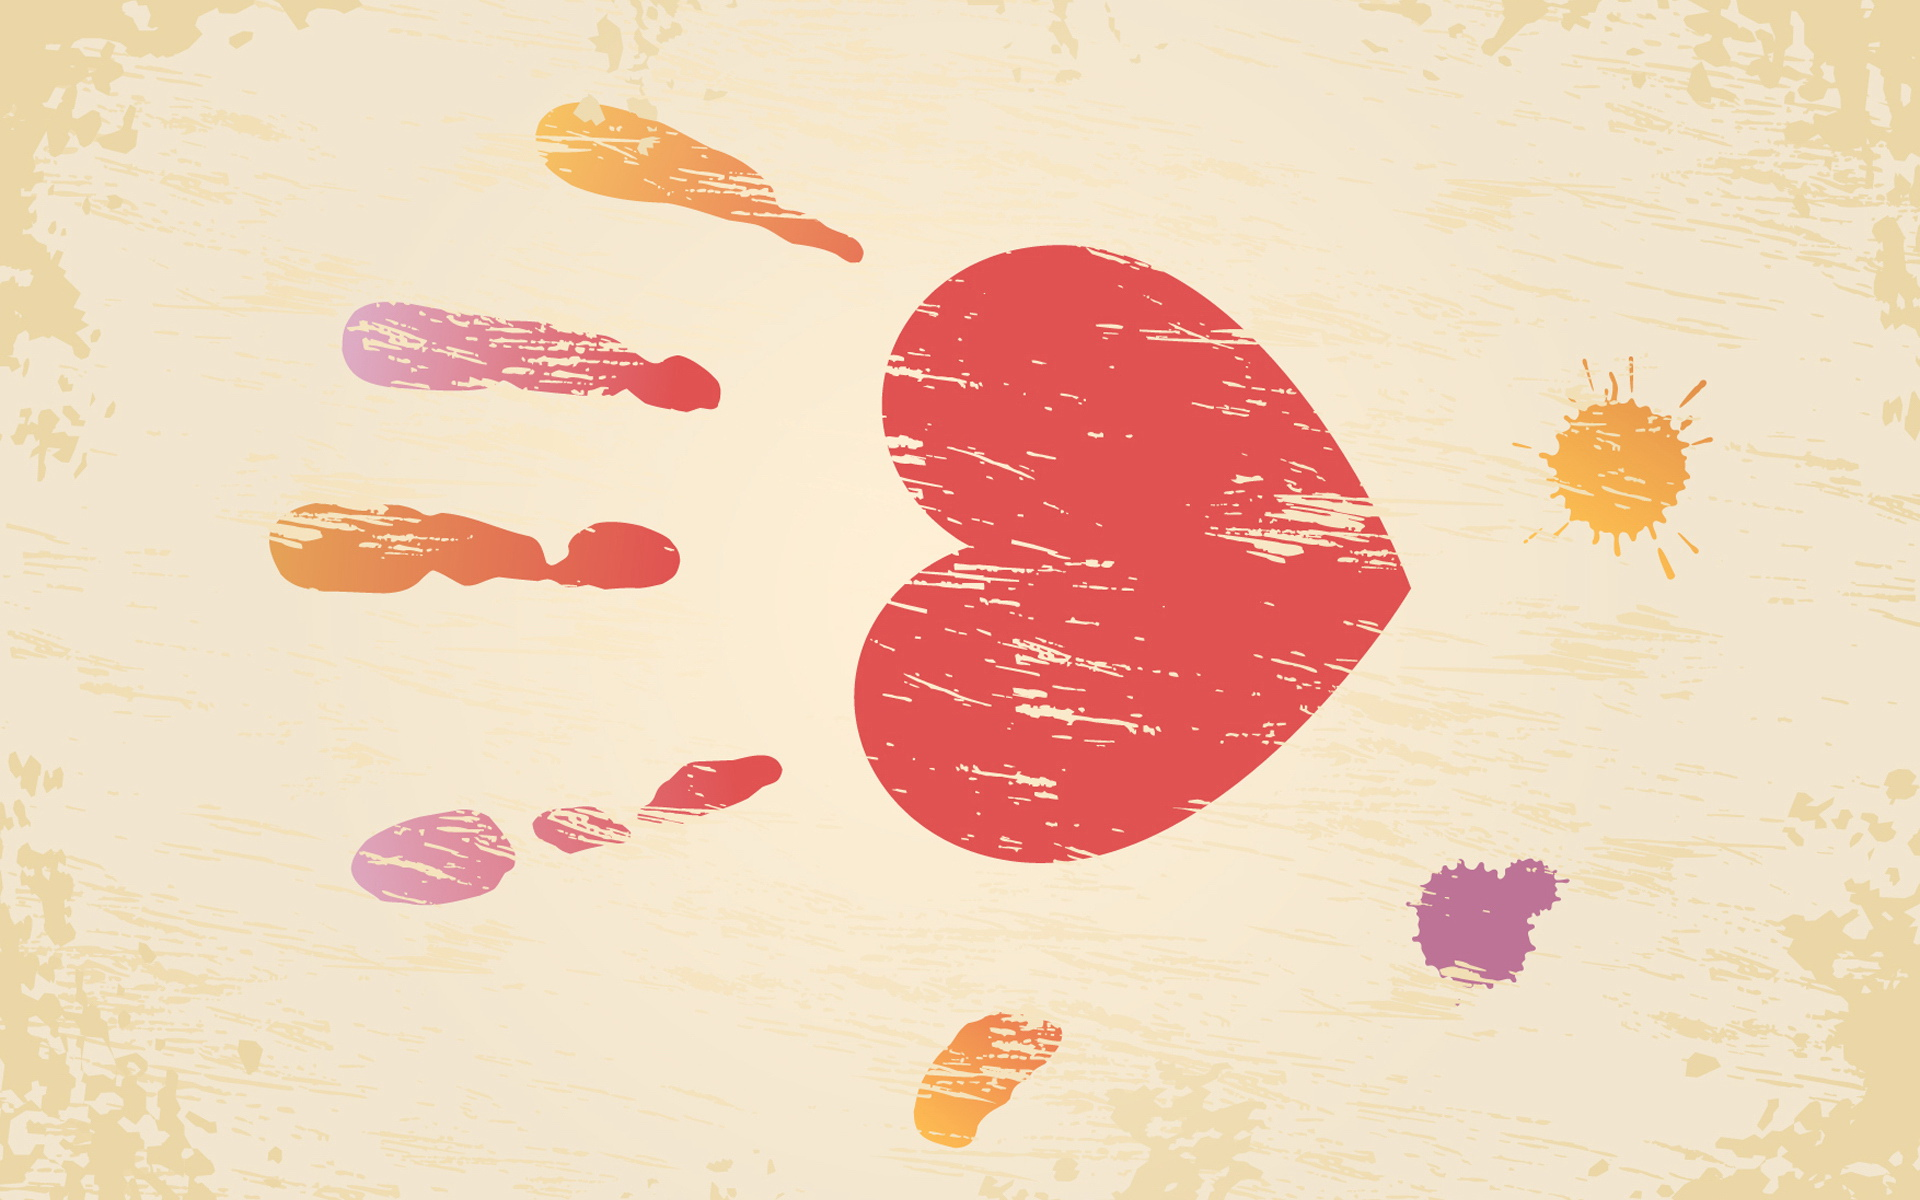 صور قلوب وحب ورومانسية وصورة قلب HD  (38)